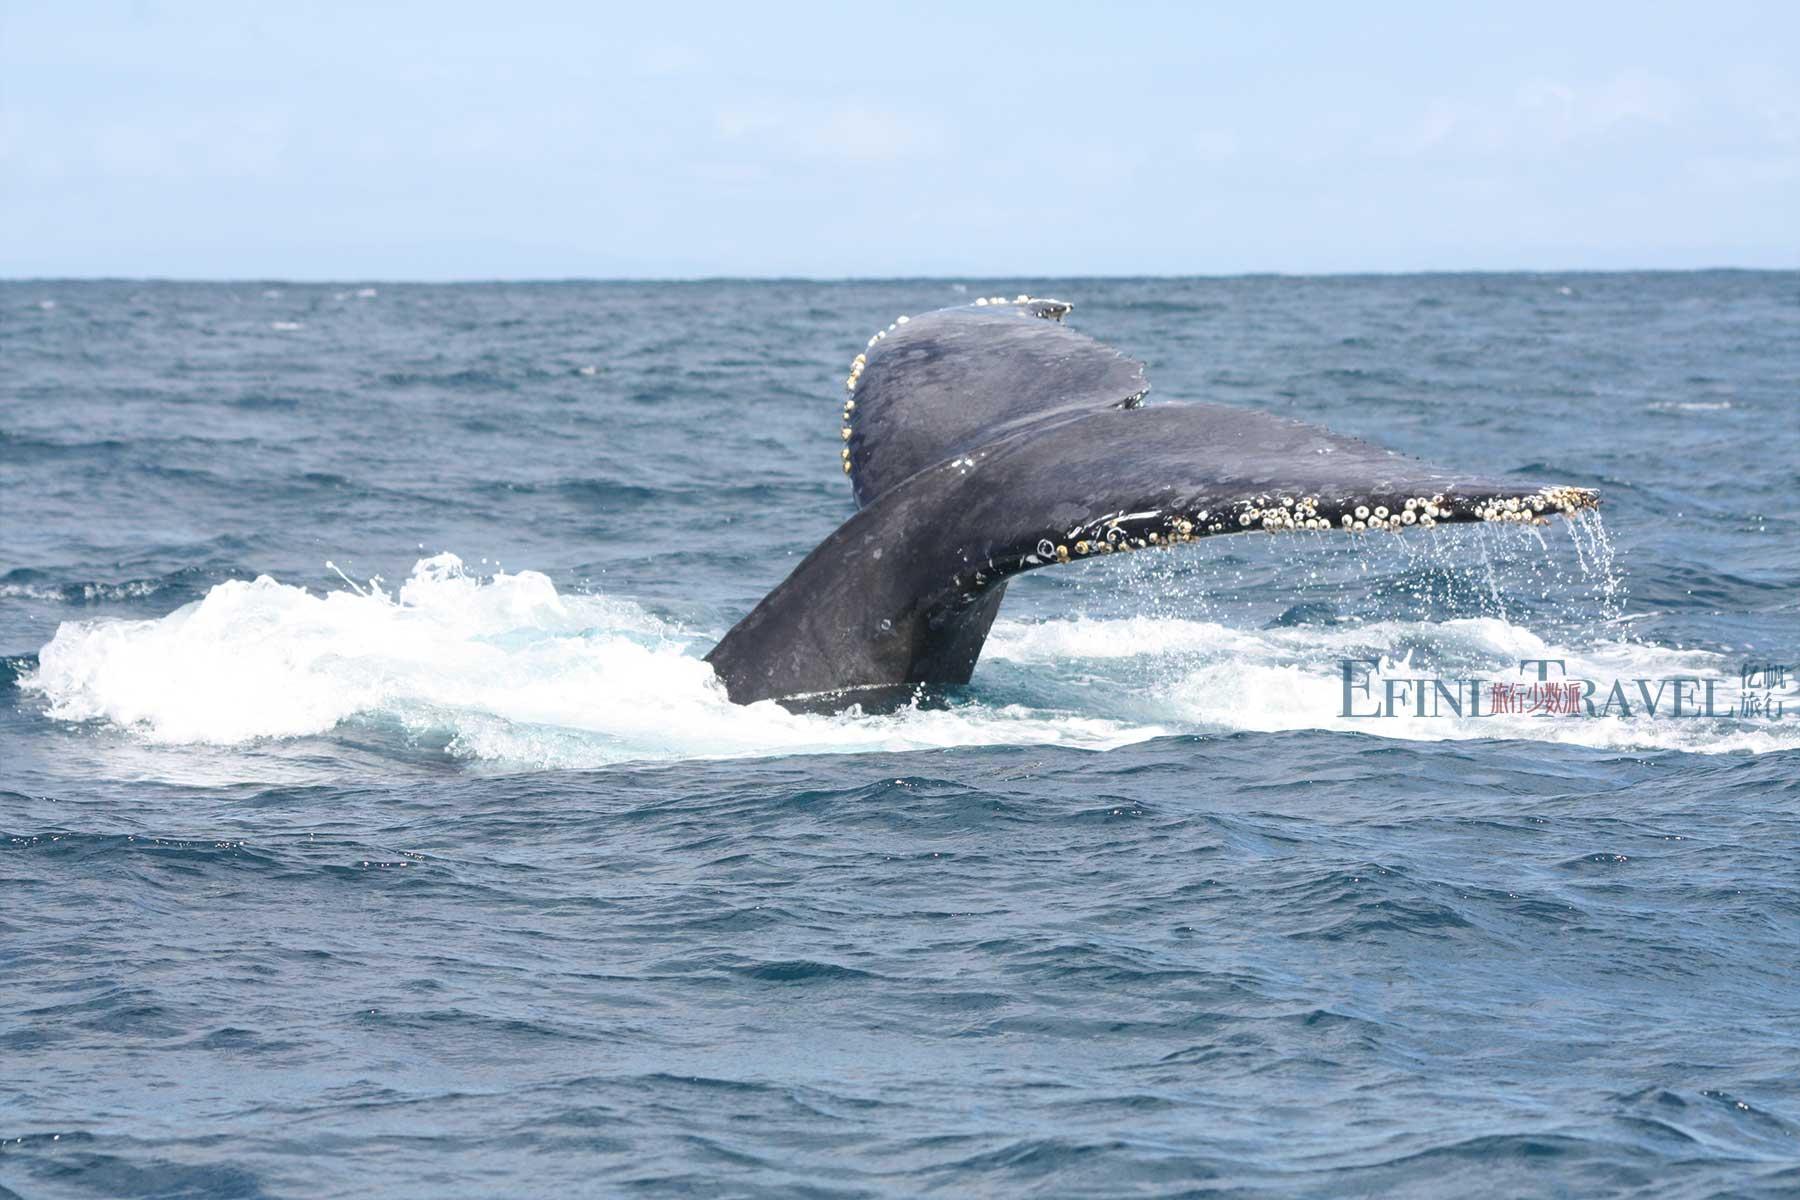 马达加斯加圣玛丽岛观鲸